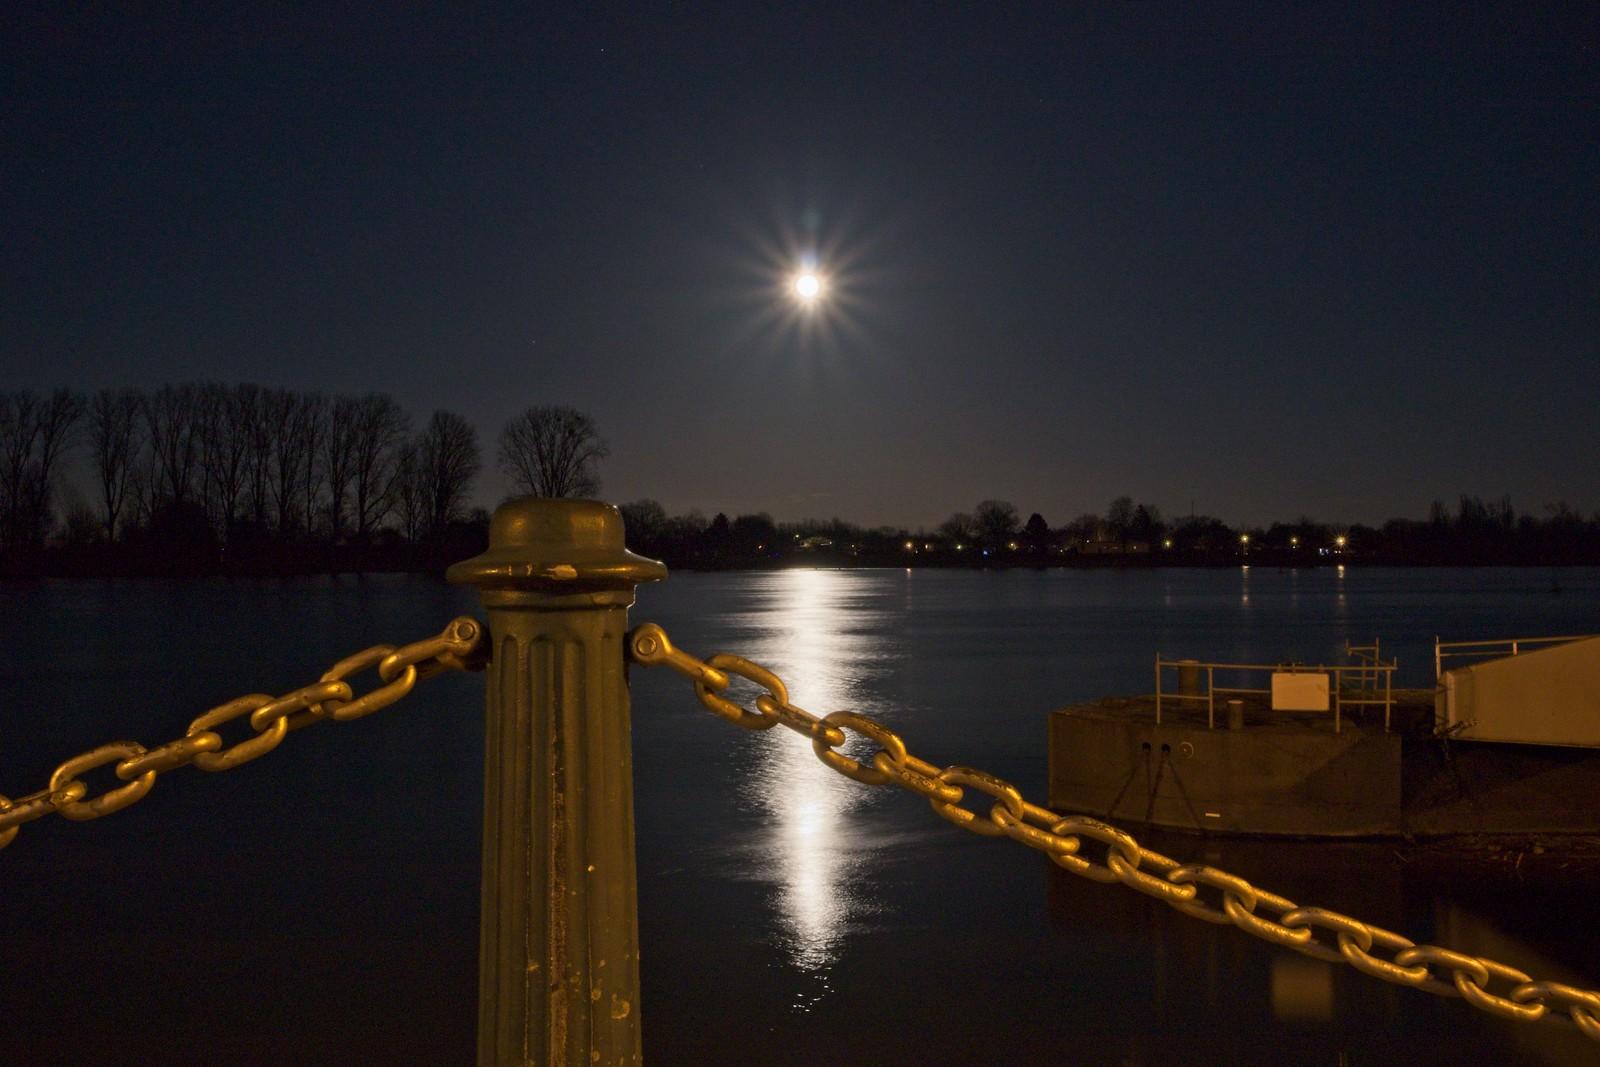 Mond über dem Rhein bei Nierstein (Canon EOS M50, EF-M 15-45mm f/3.5-6.3 IS STM, 23 mm, Manuell, 13,0 s @ f/20, ISO 400)